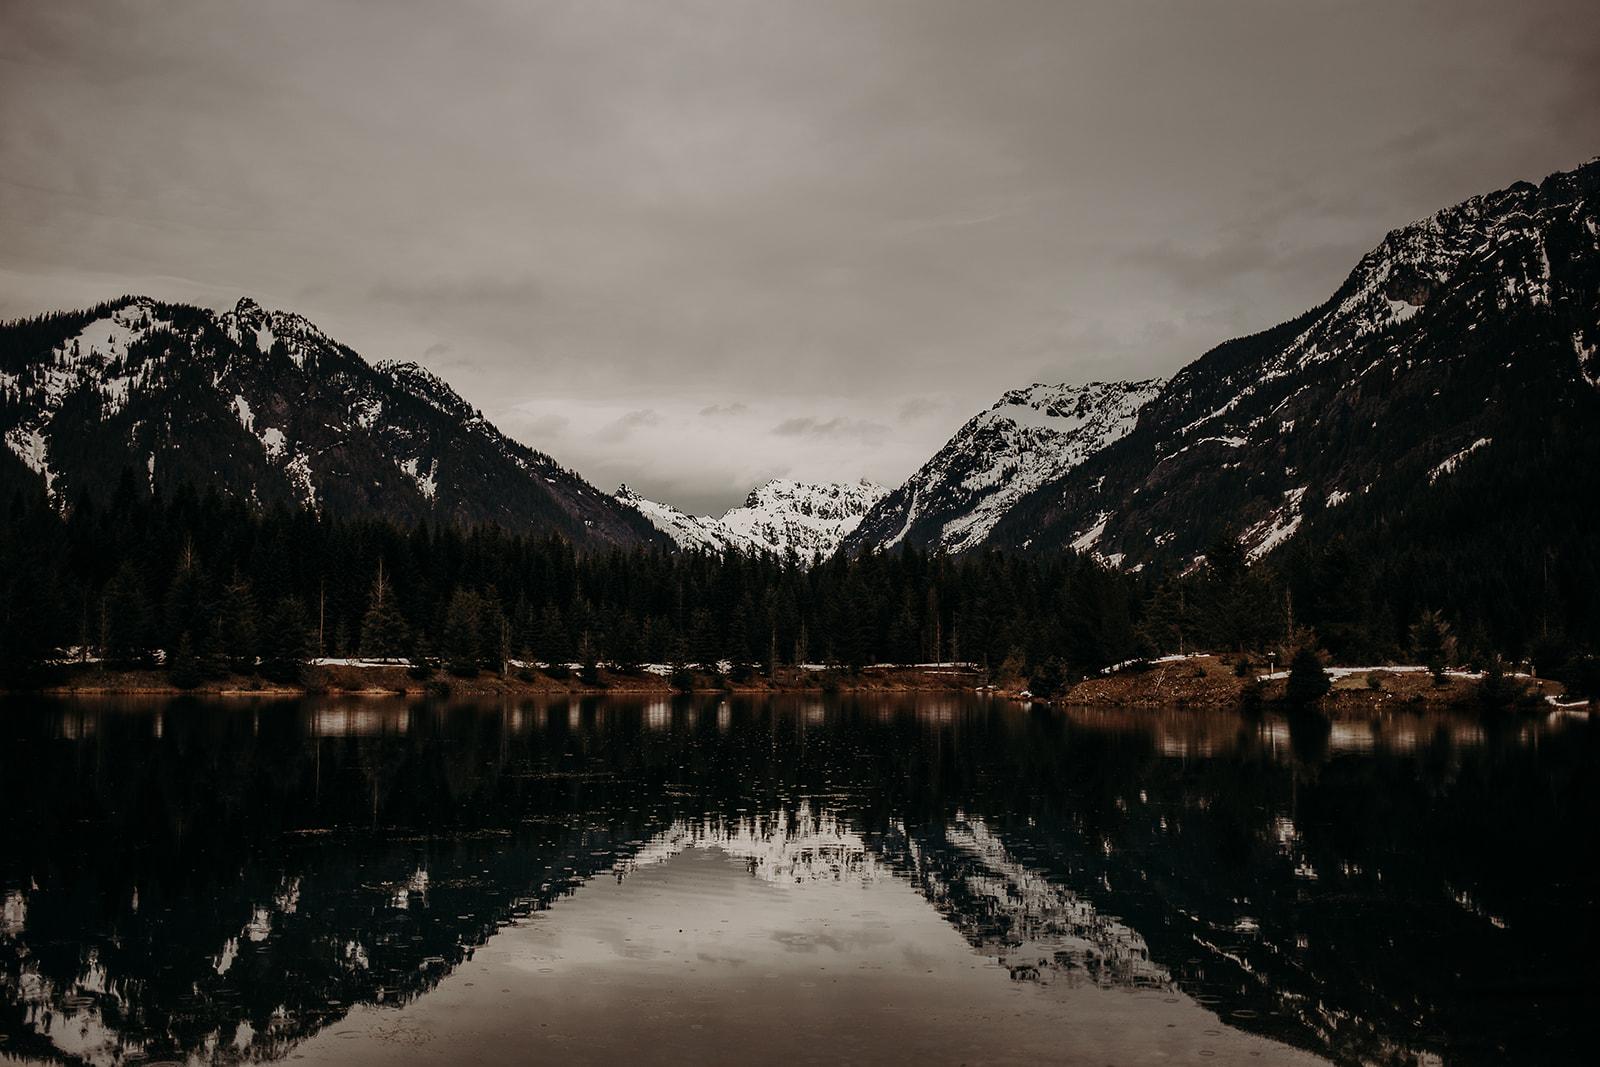 winter-mountain-elopement-asheville-wedding-photographer-megan-gallagher-photographer (34).jpg